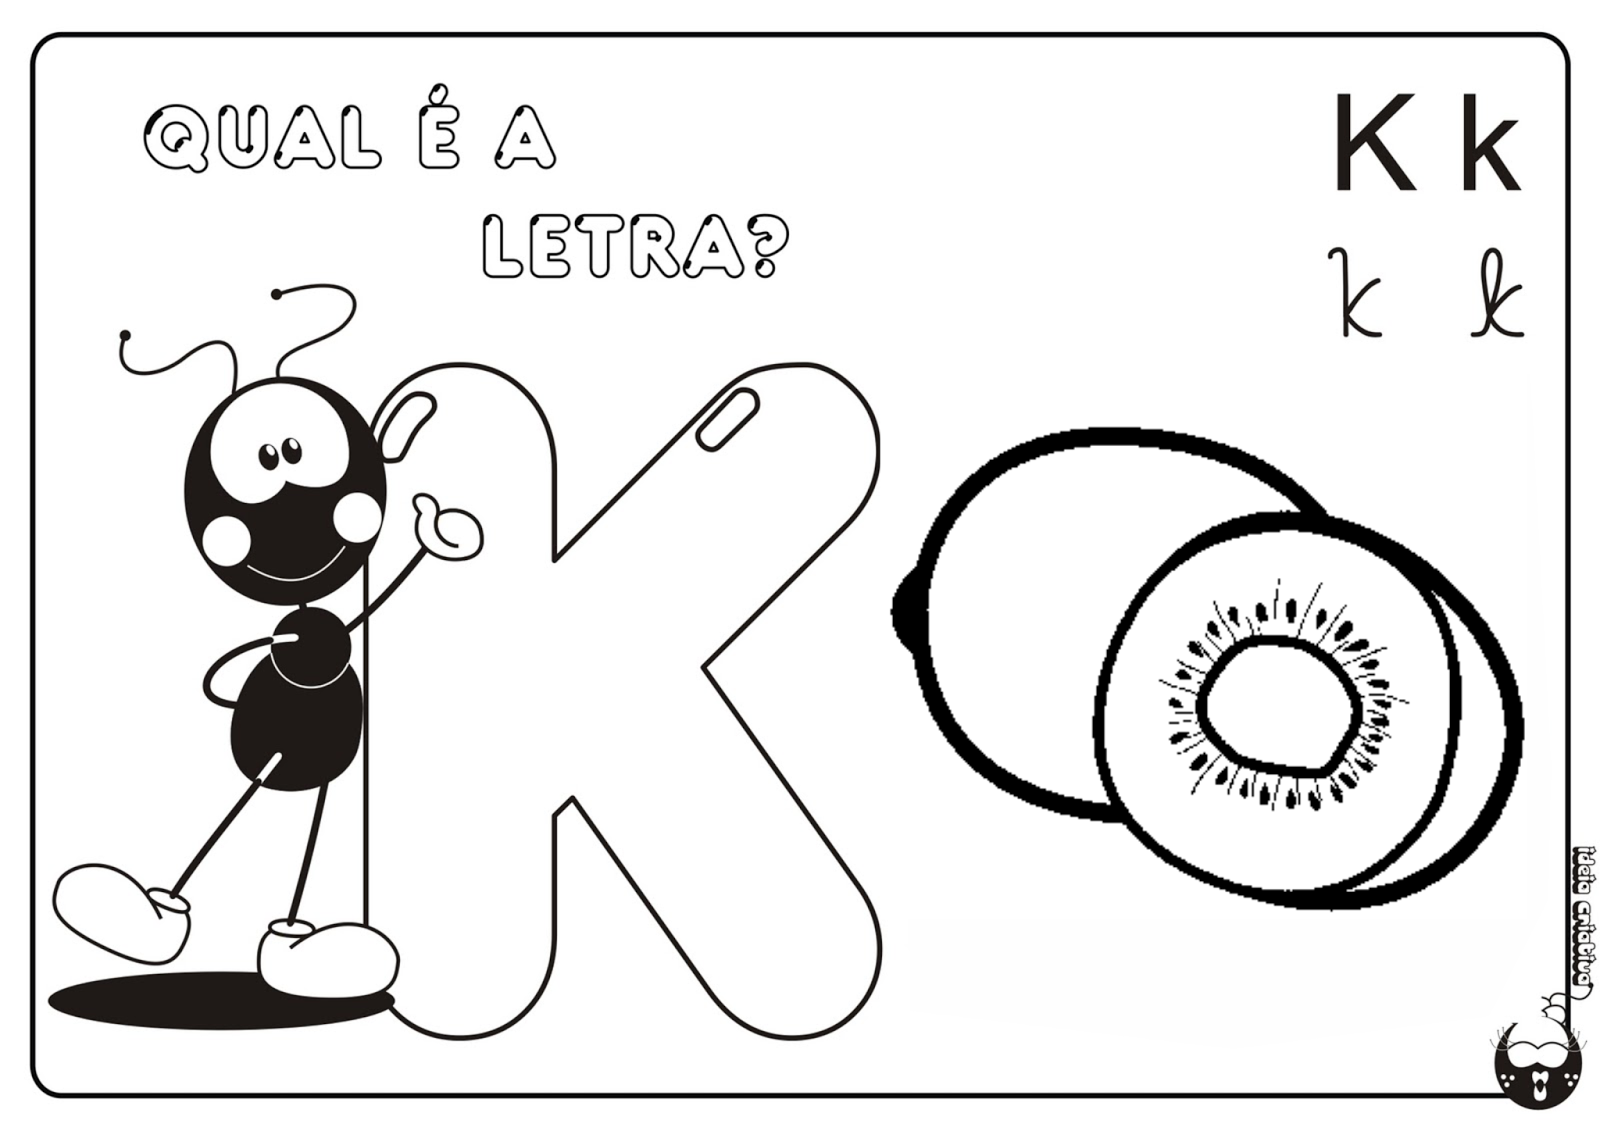 Alfabeto Smilinguido 4 tipos de letra para Baixar Grátis